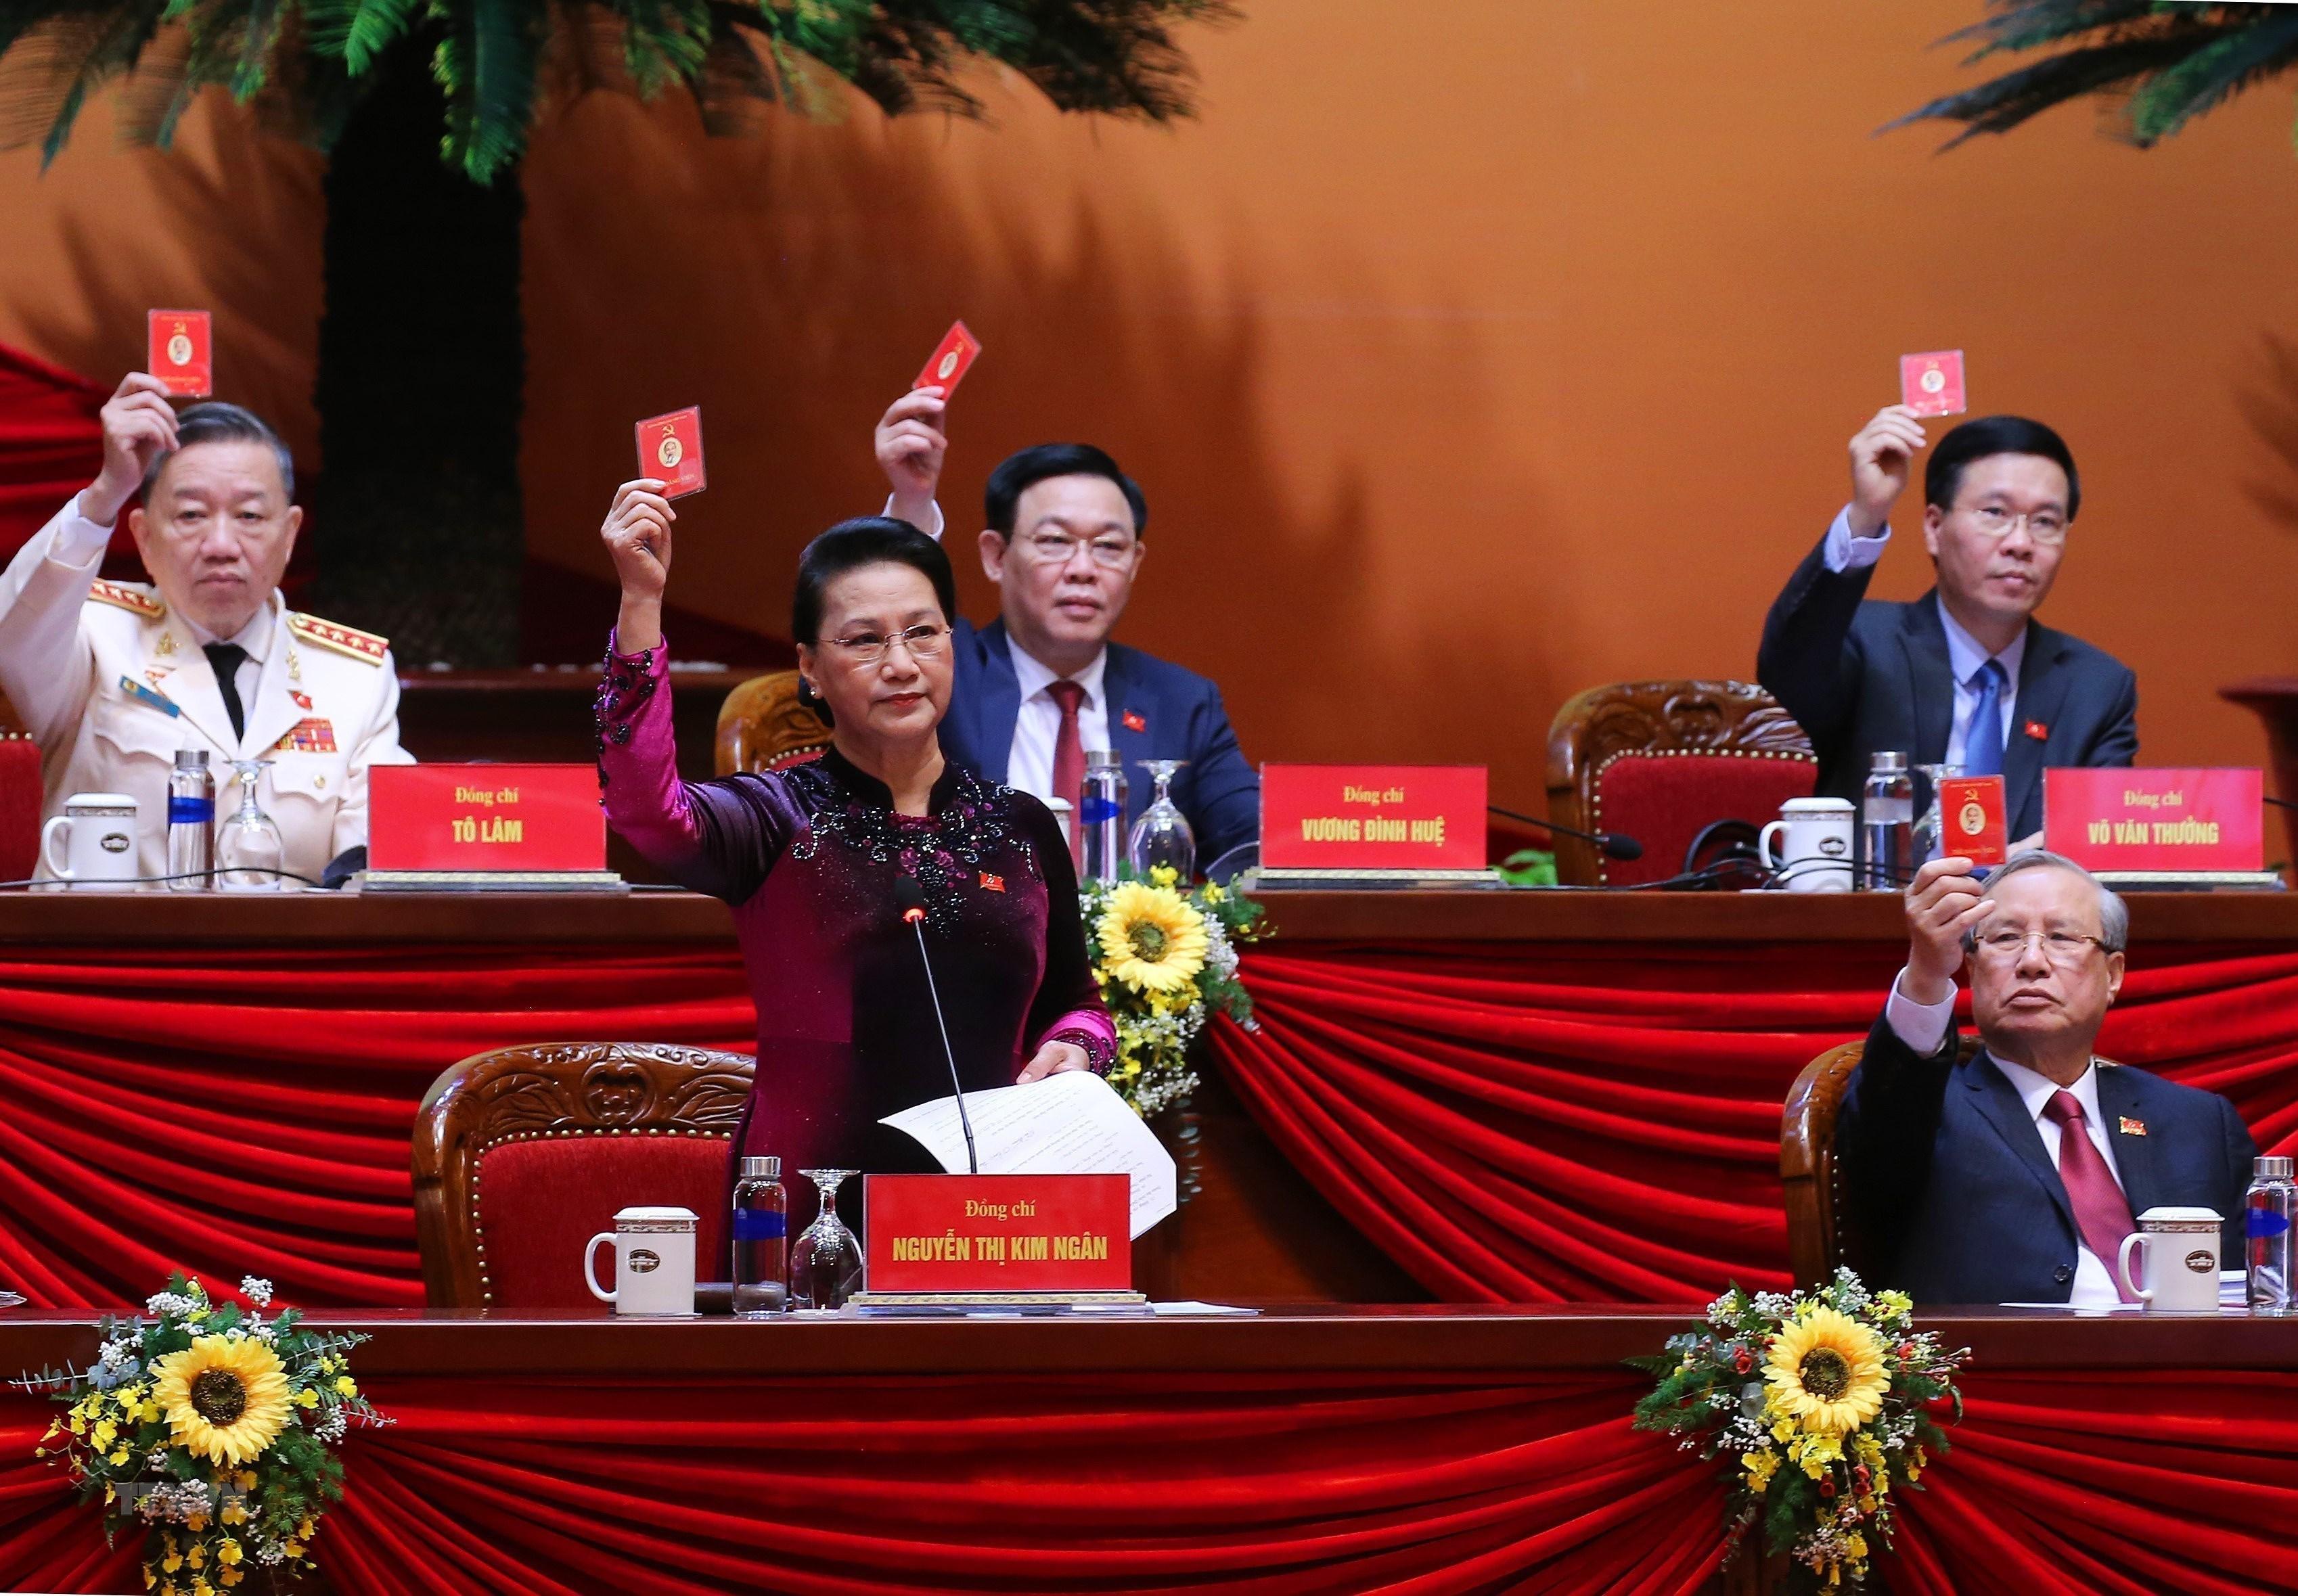 Nhân sự Đại hội và hồng phúc của dân tộc